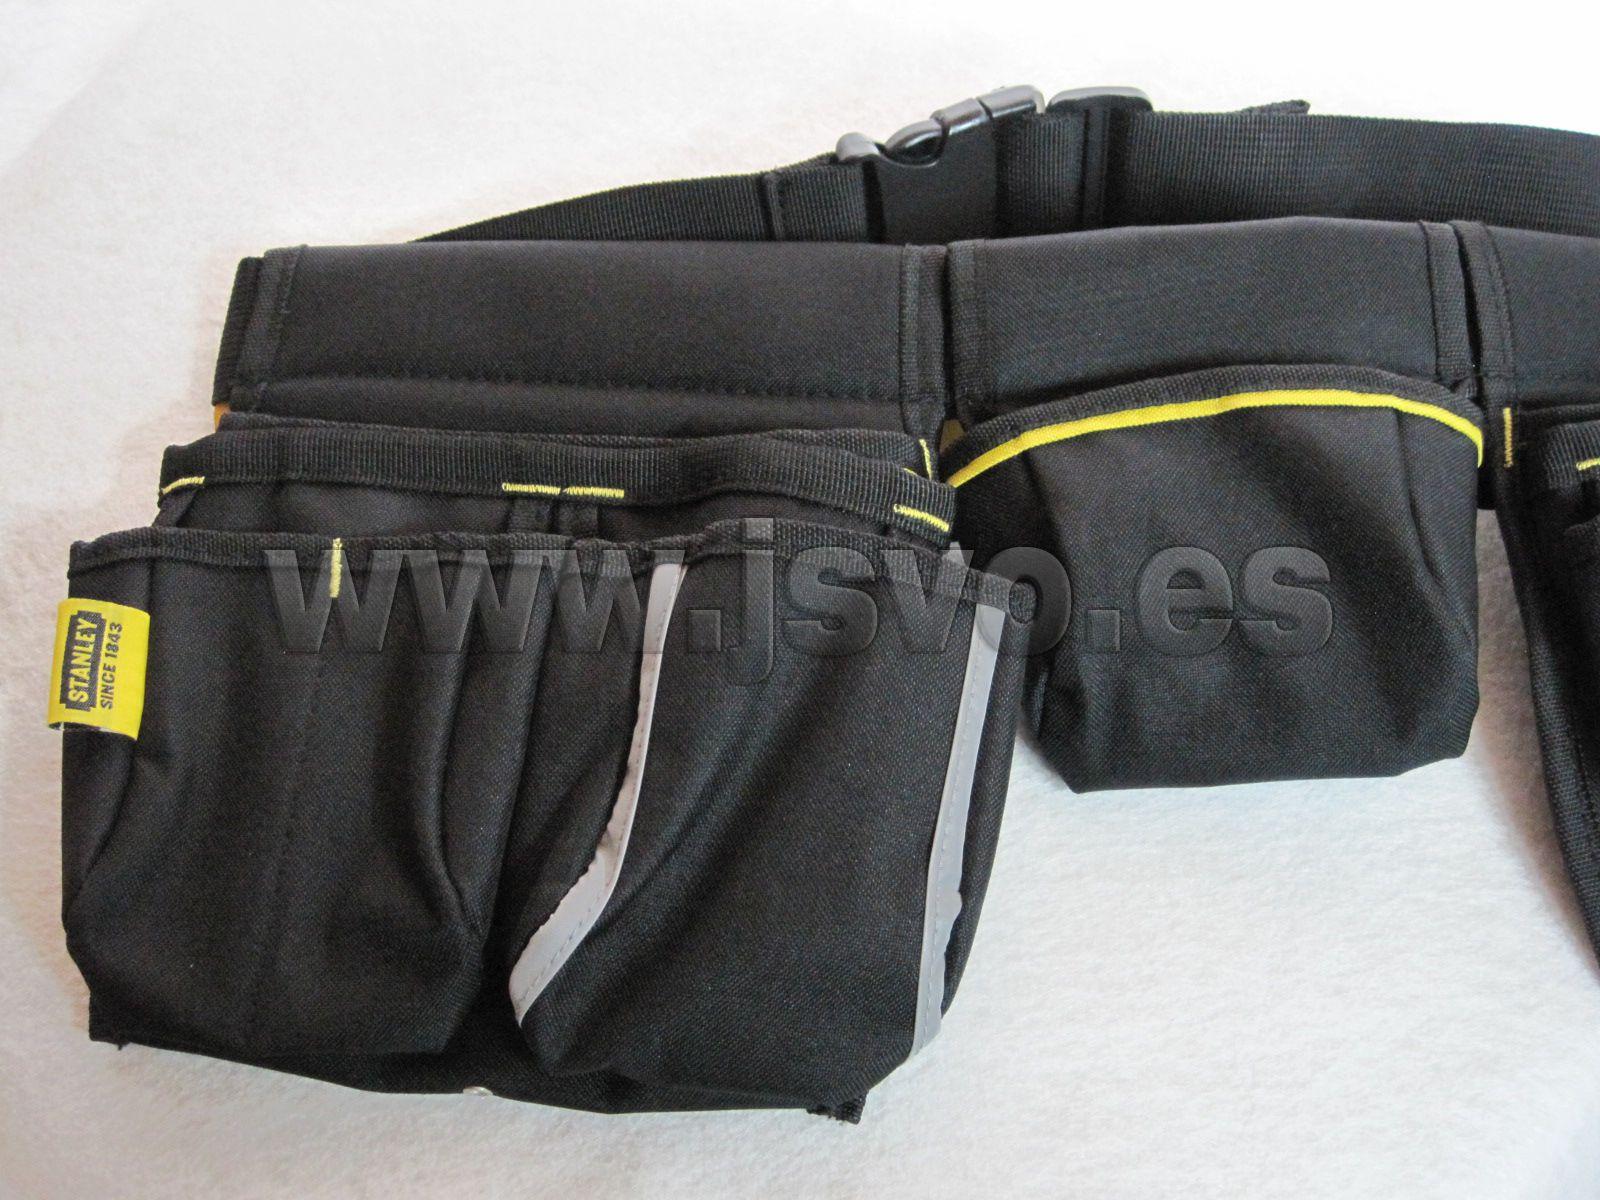 Delantal portaherramientas Stanley ® • Tejido muy resistente 600X600  denier. • Múltiples bolsillos y compartimentos de varias medidas. 9e378a85934e